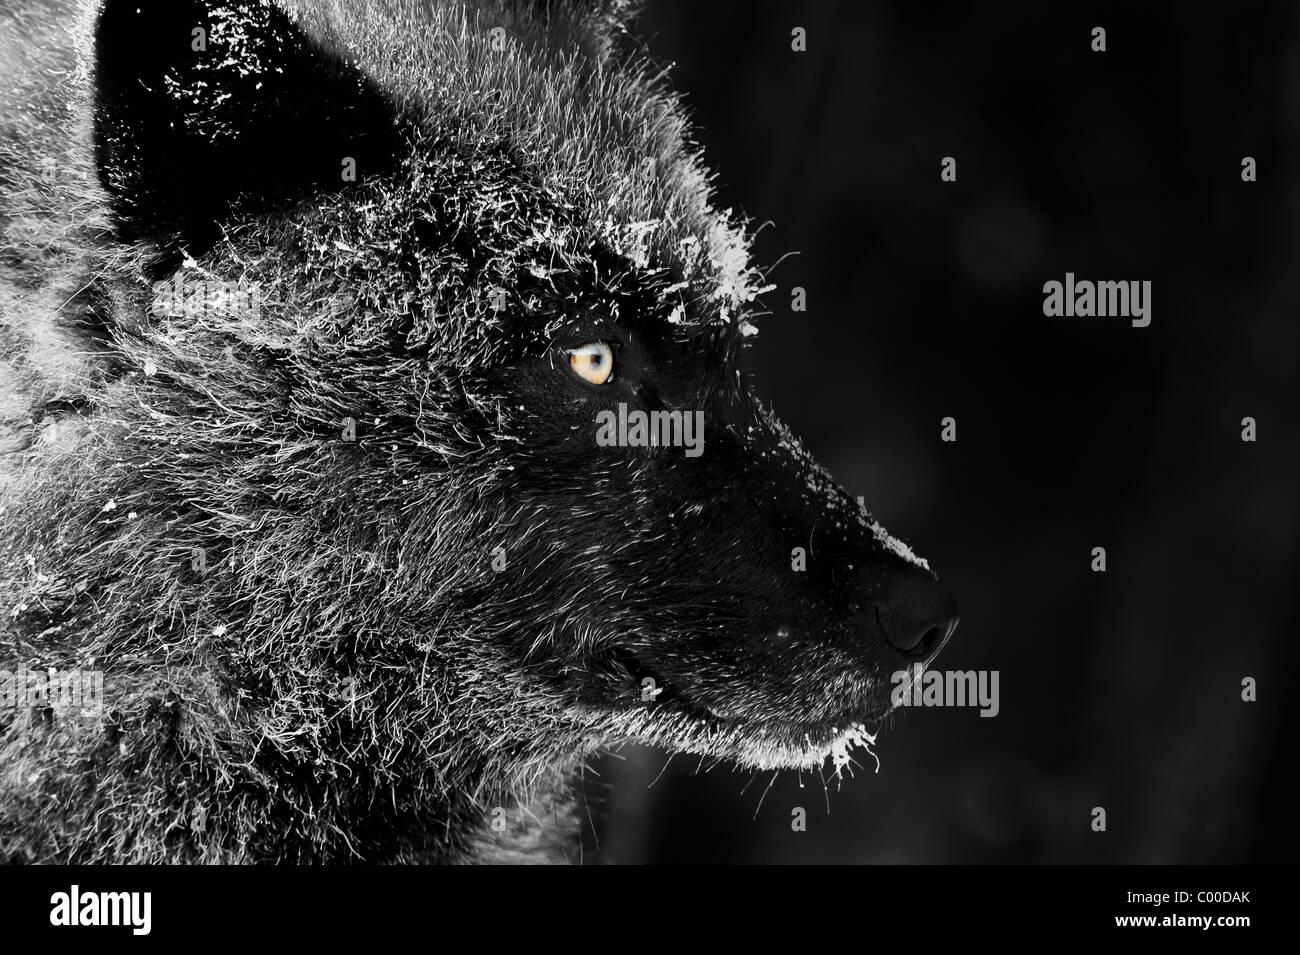 Un Lobo negro perfil facial con la piel cubierta de hielo de una fría noche de invierno en el Northwoods Imagen De Stock